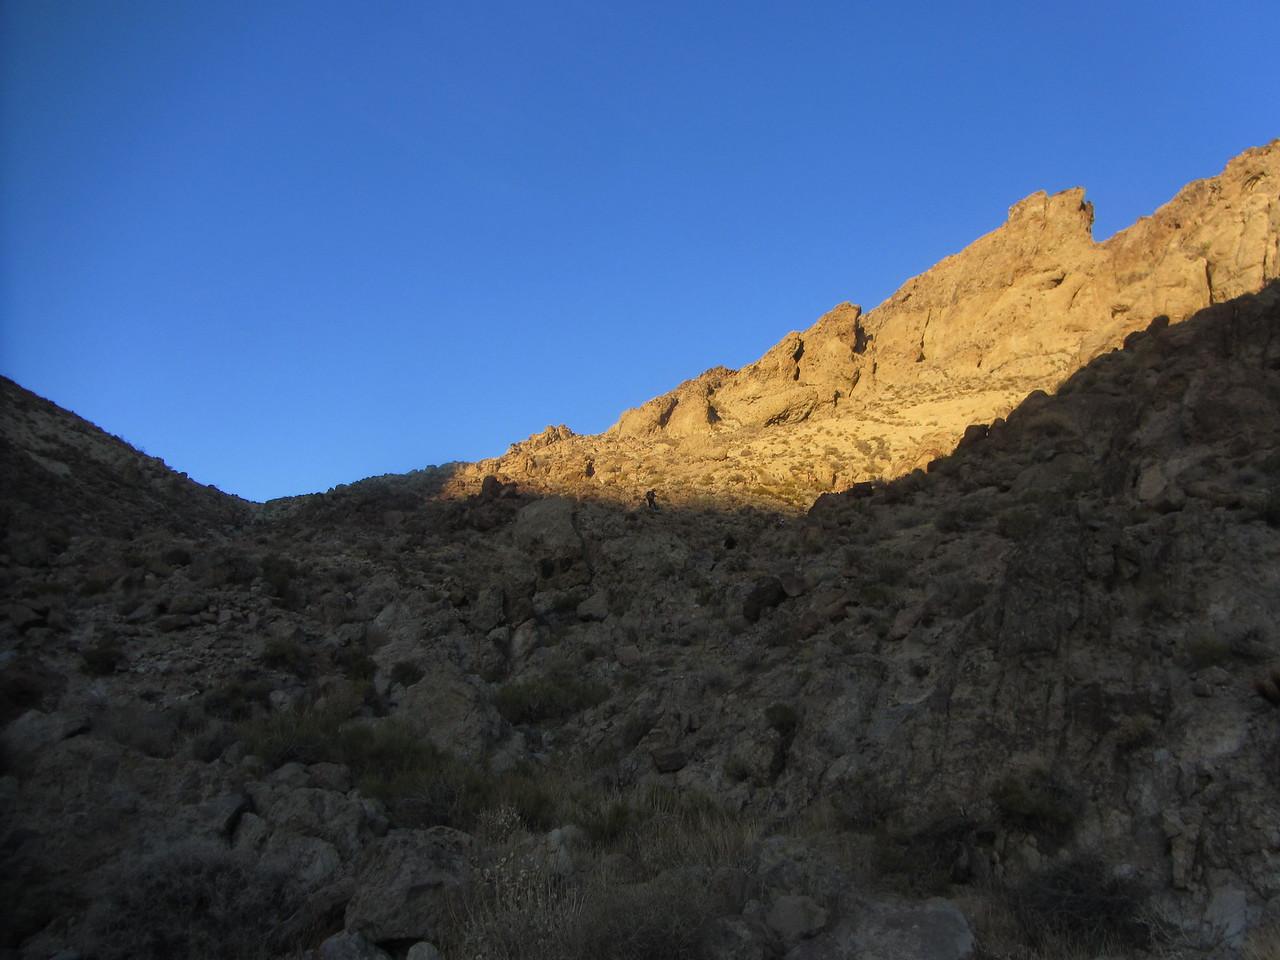 Desert alpenglow